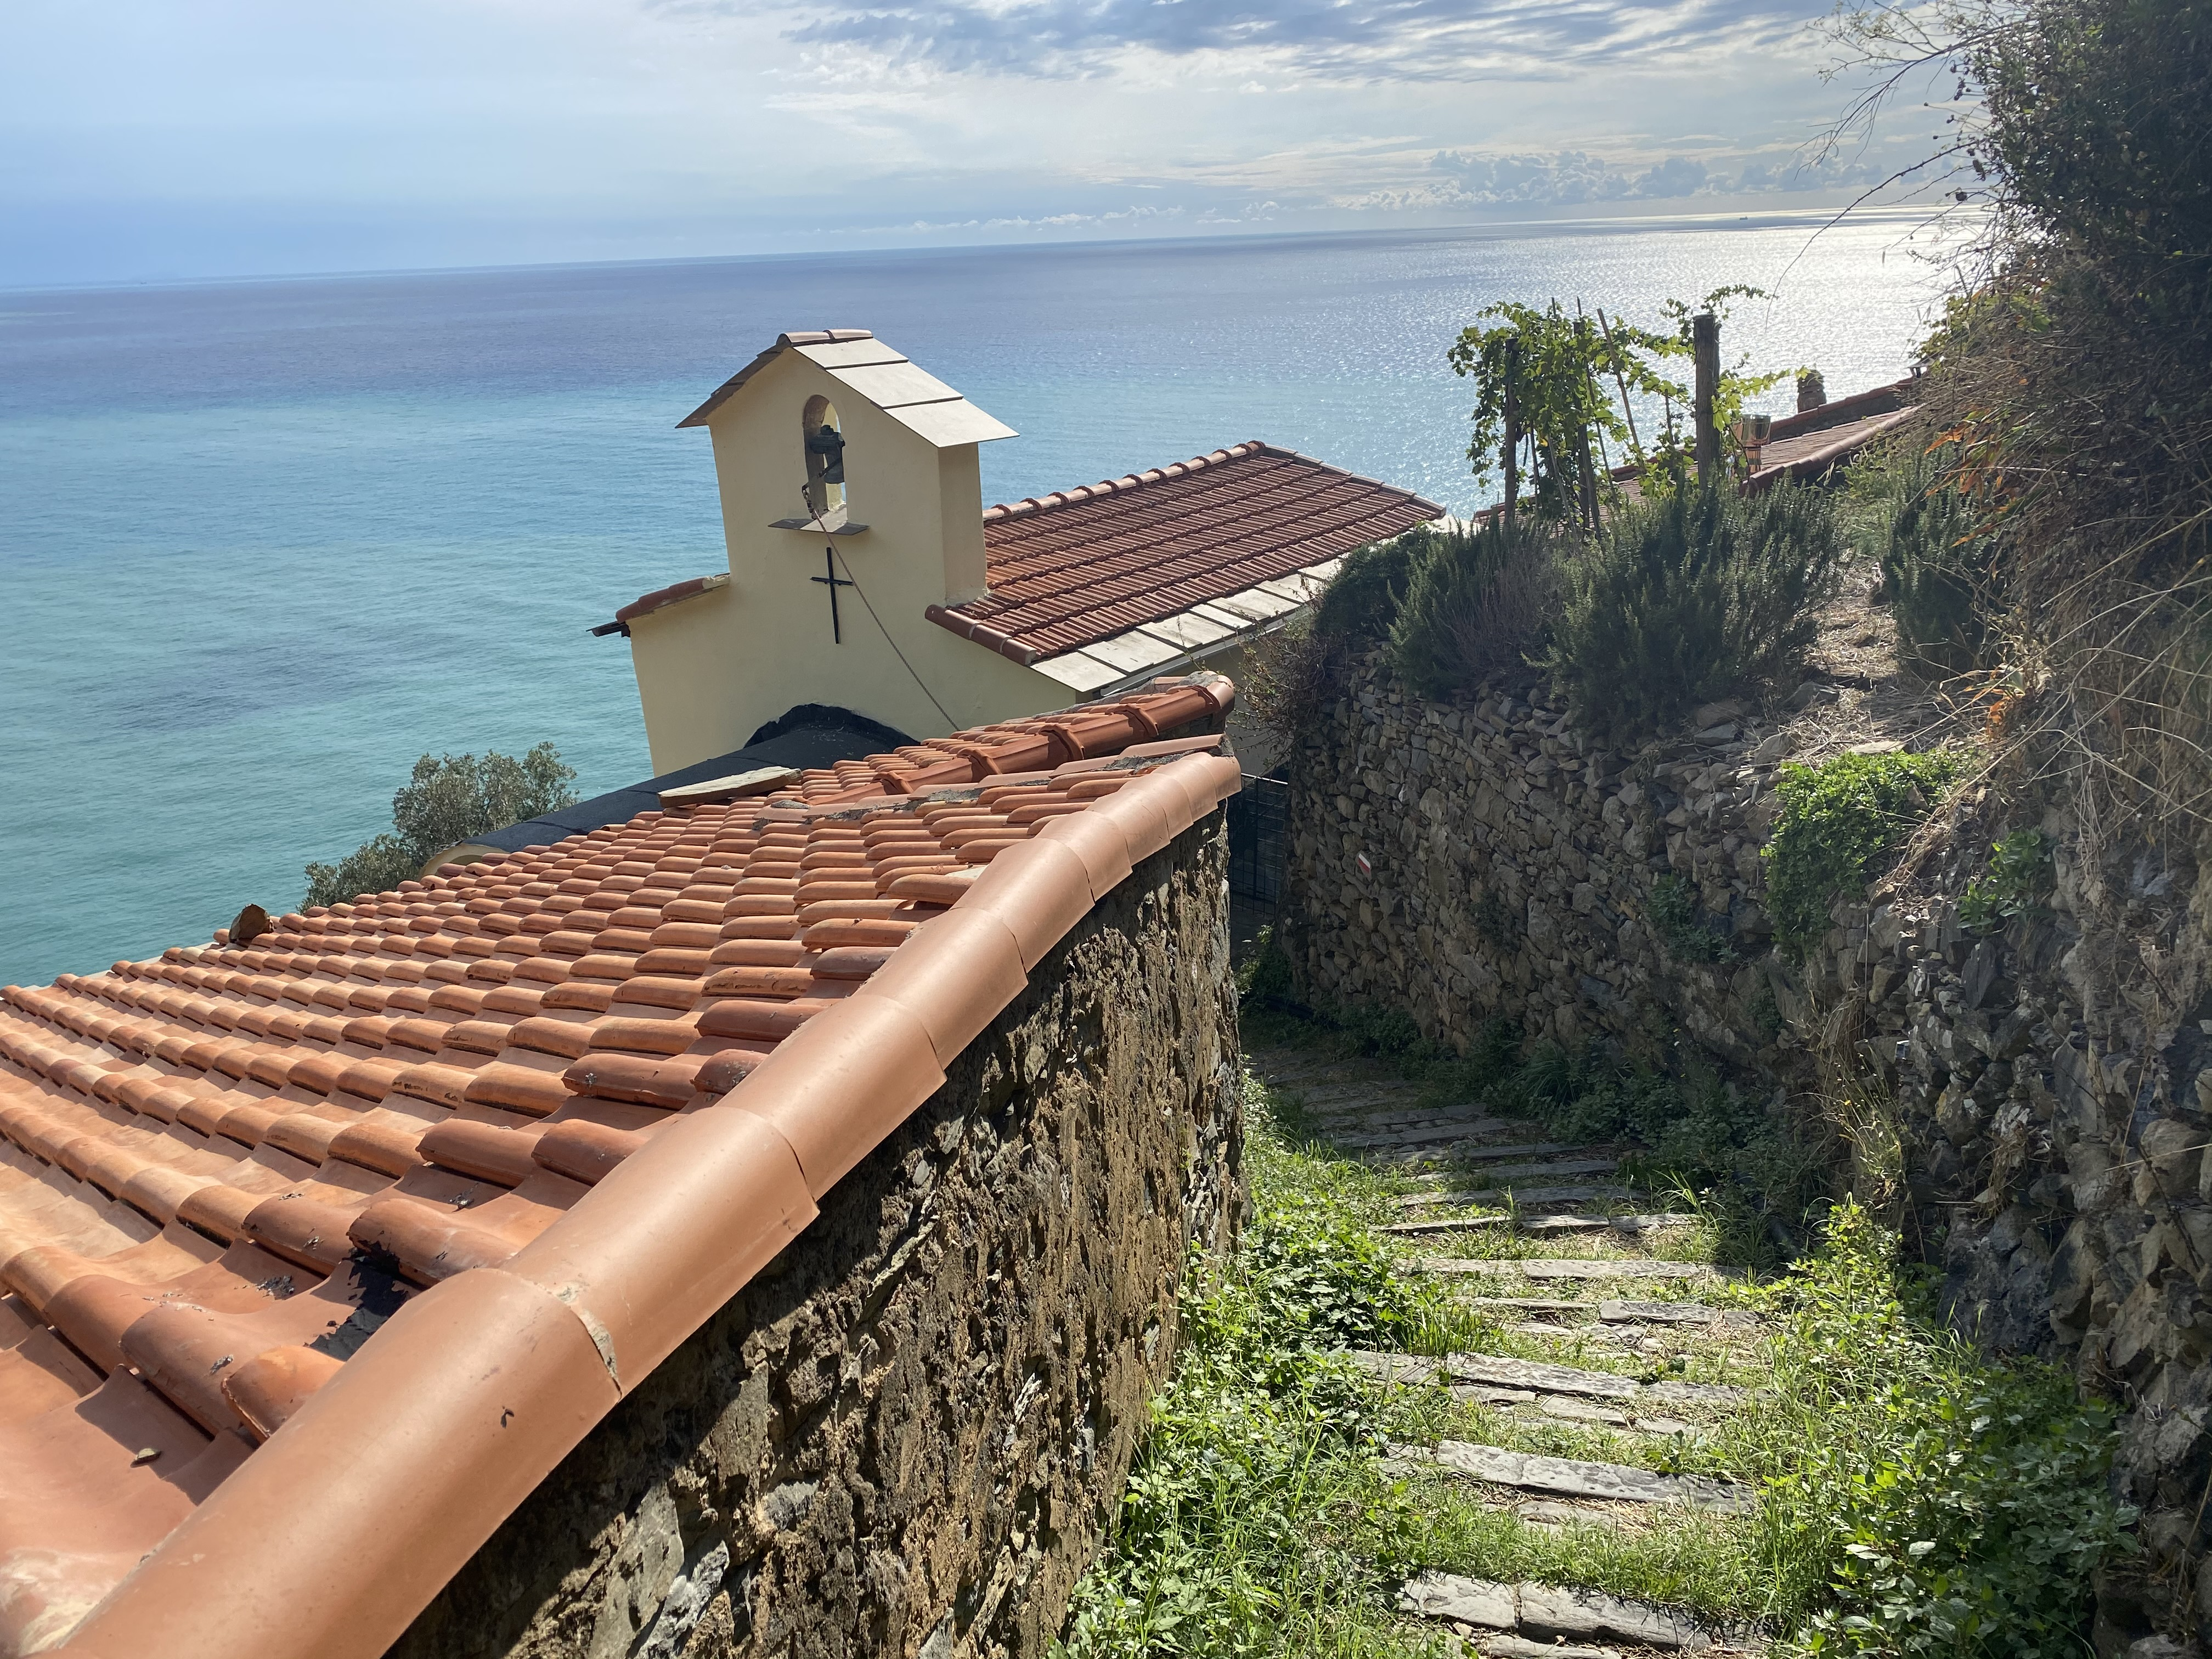 iglesia en Schiara, Liguria